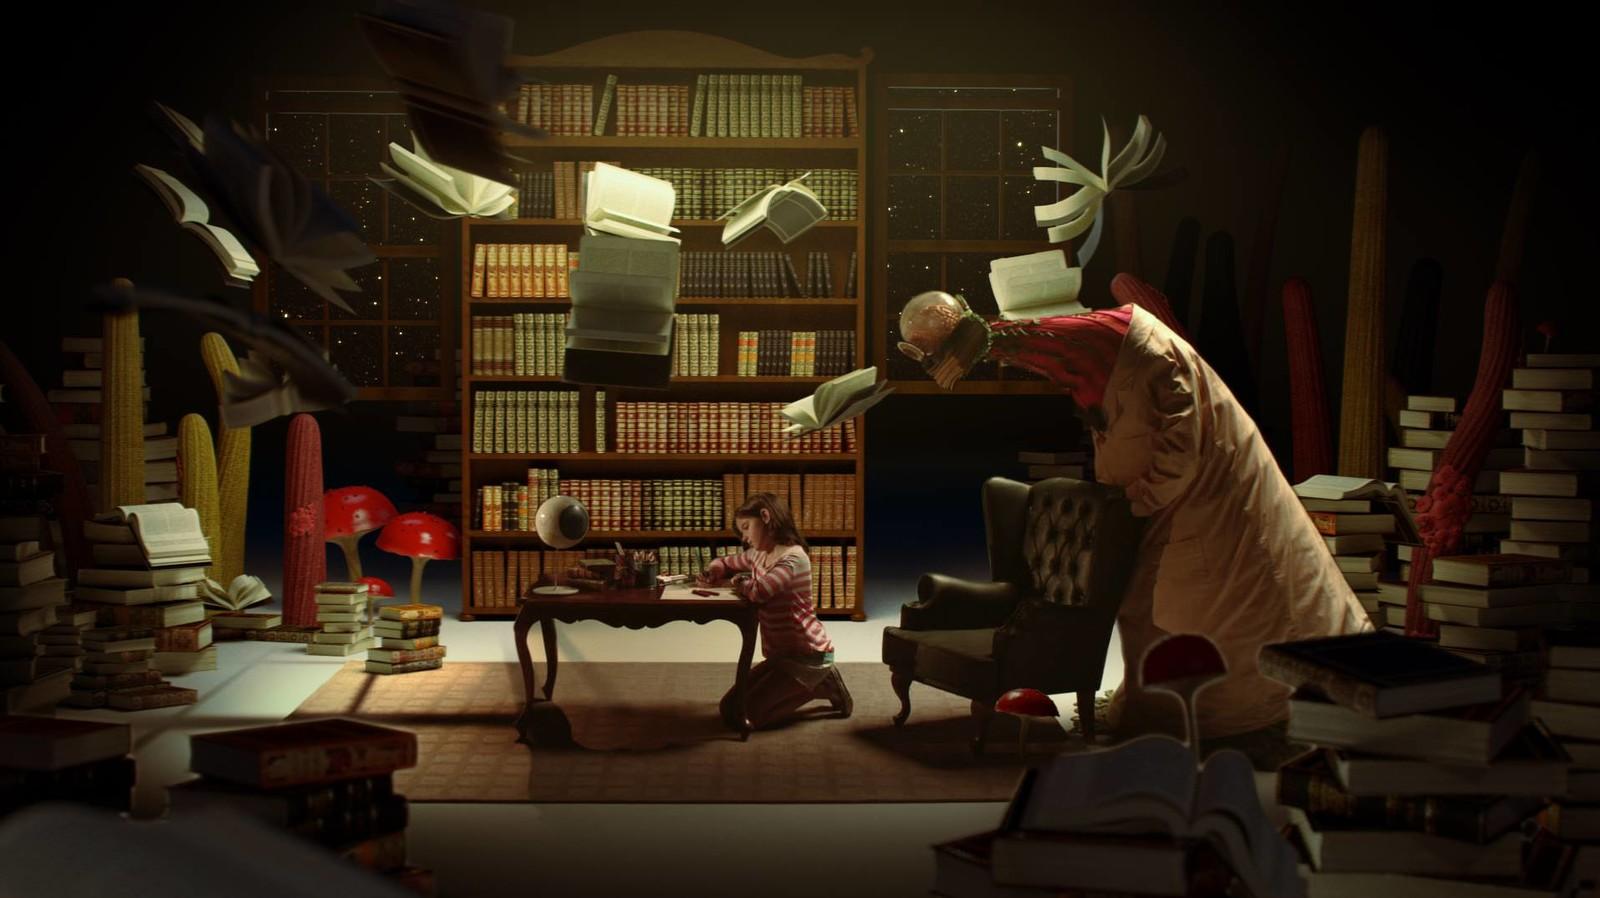 Que Monstro te Mordeu - Opening Animation - O2Filmes